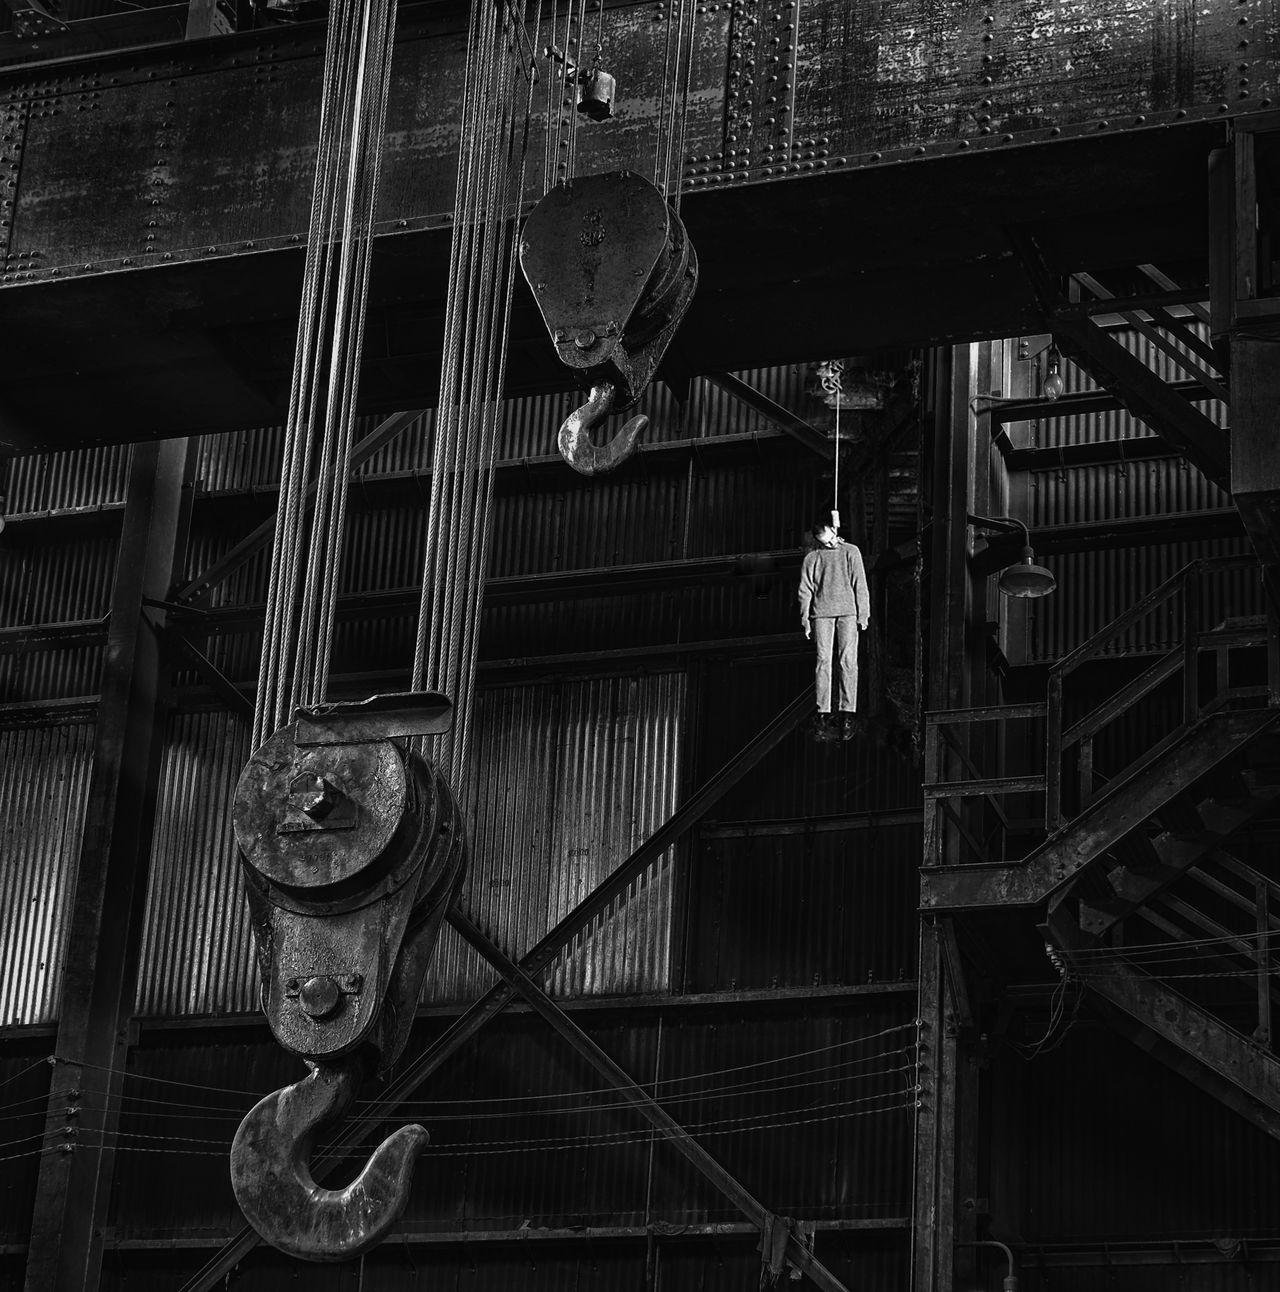 Hanging Hangman Suicide Noose Hook Industrial Landscapes Adandoned